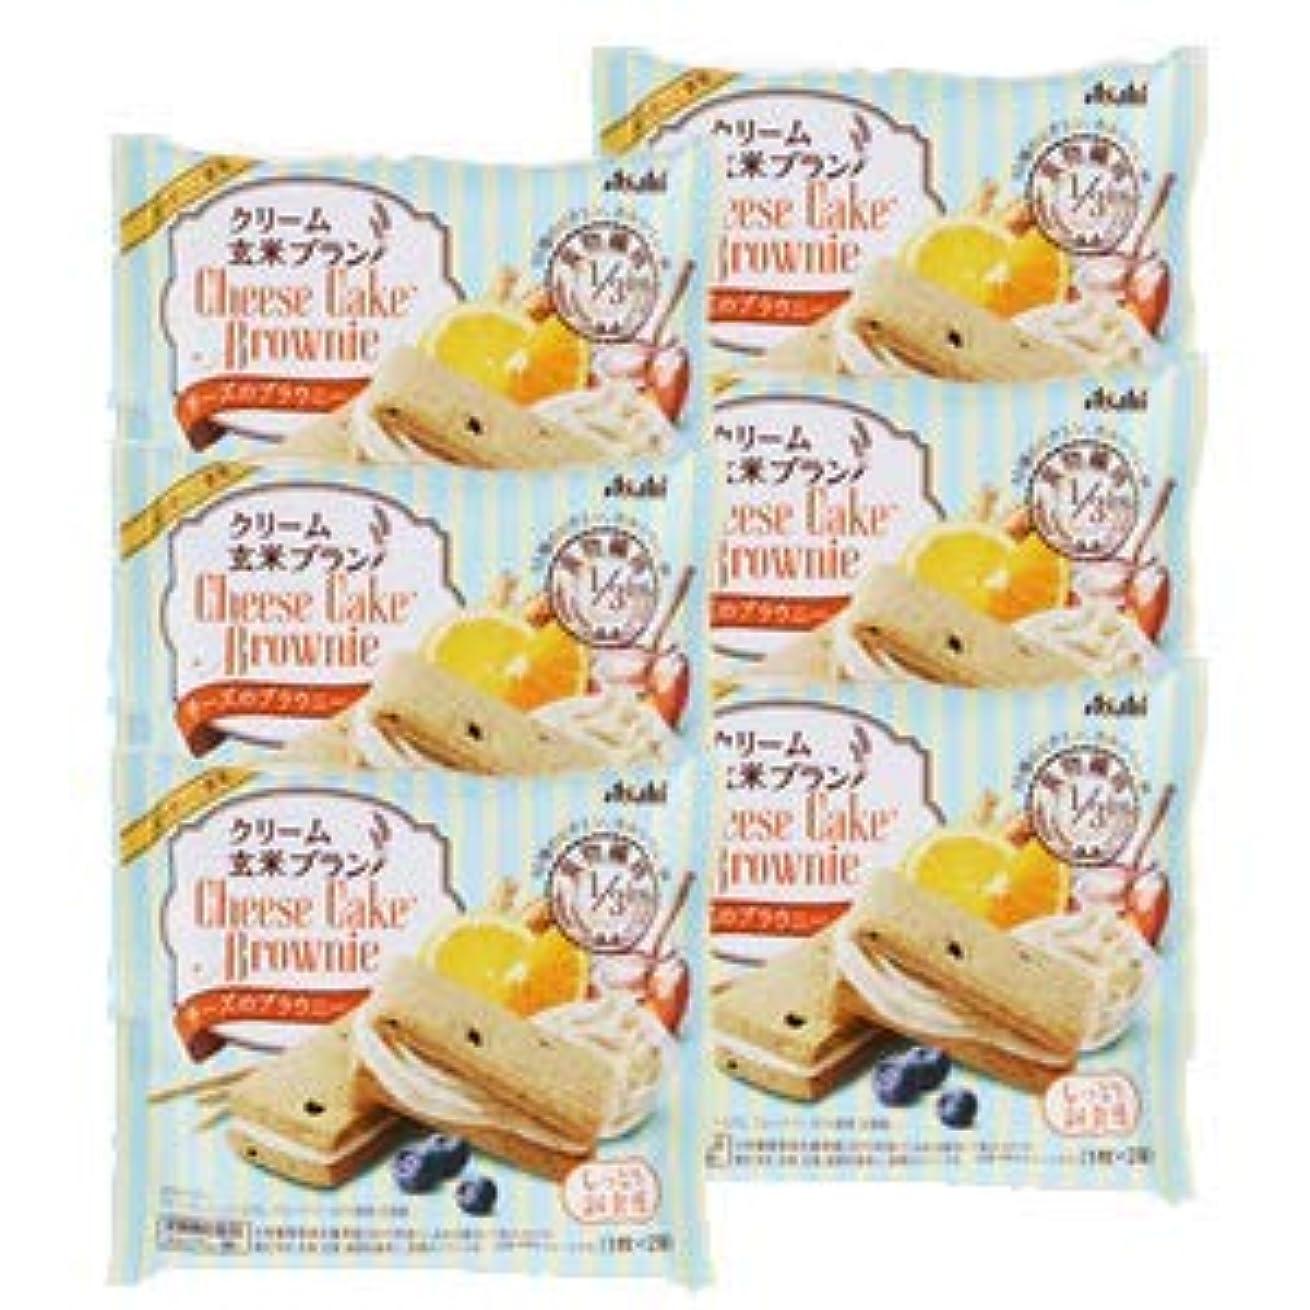 要求名前を作る達成アサヒ バランスアップ クリーム玄米ブラン チーズのブラウニー 6個セット